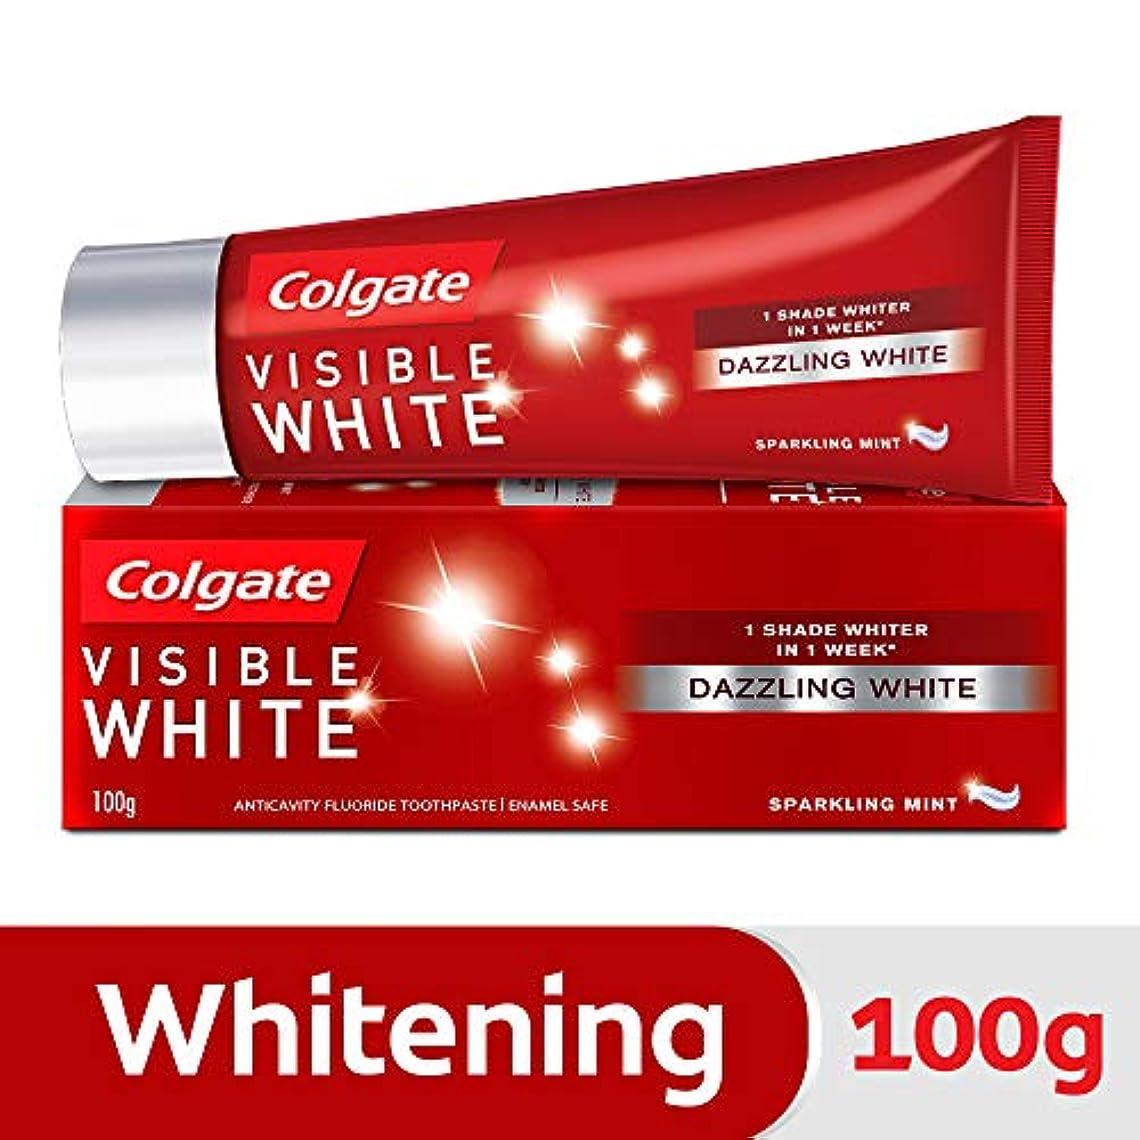 狂う右拍車Colgate Visible White Dazzling White Toothpaste, Sparkling Mint - 100gm